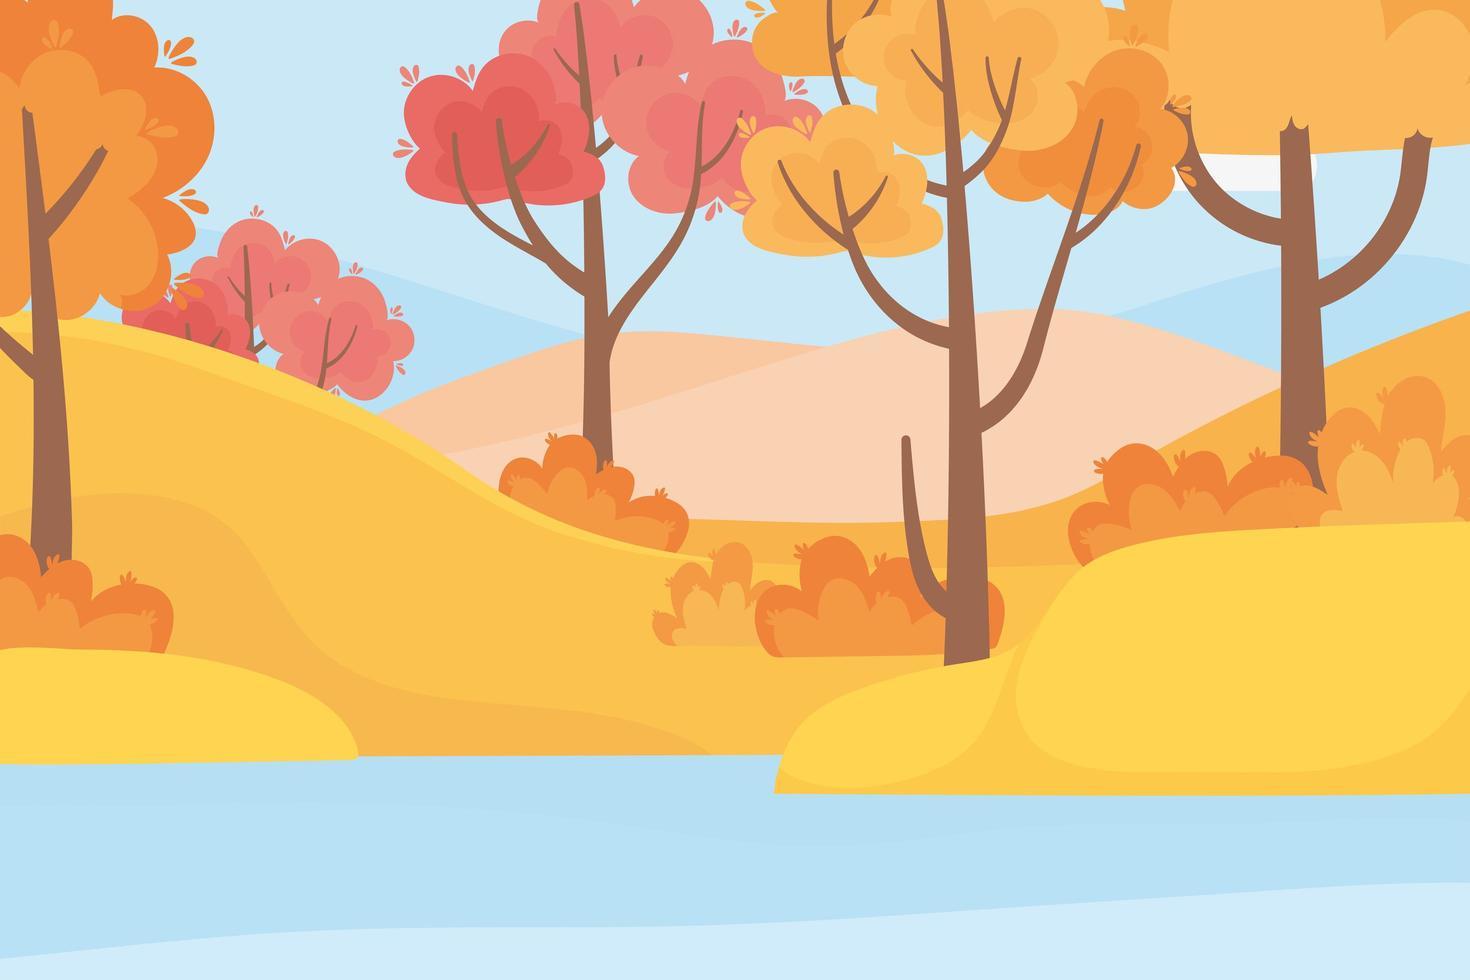 bosque, árboles, pasto y lago vector